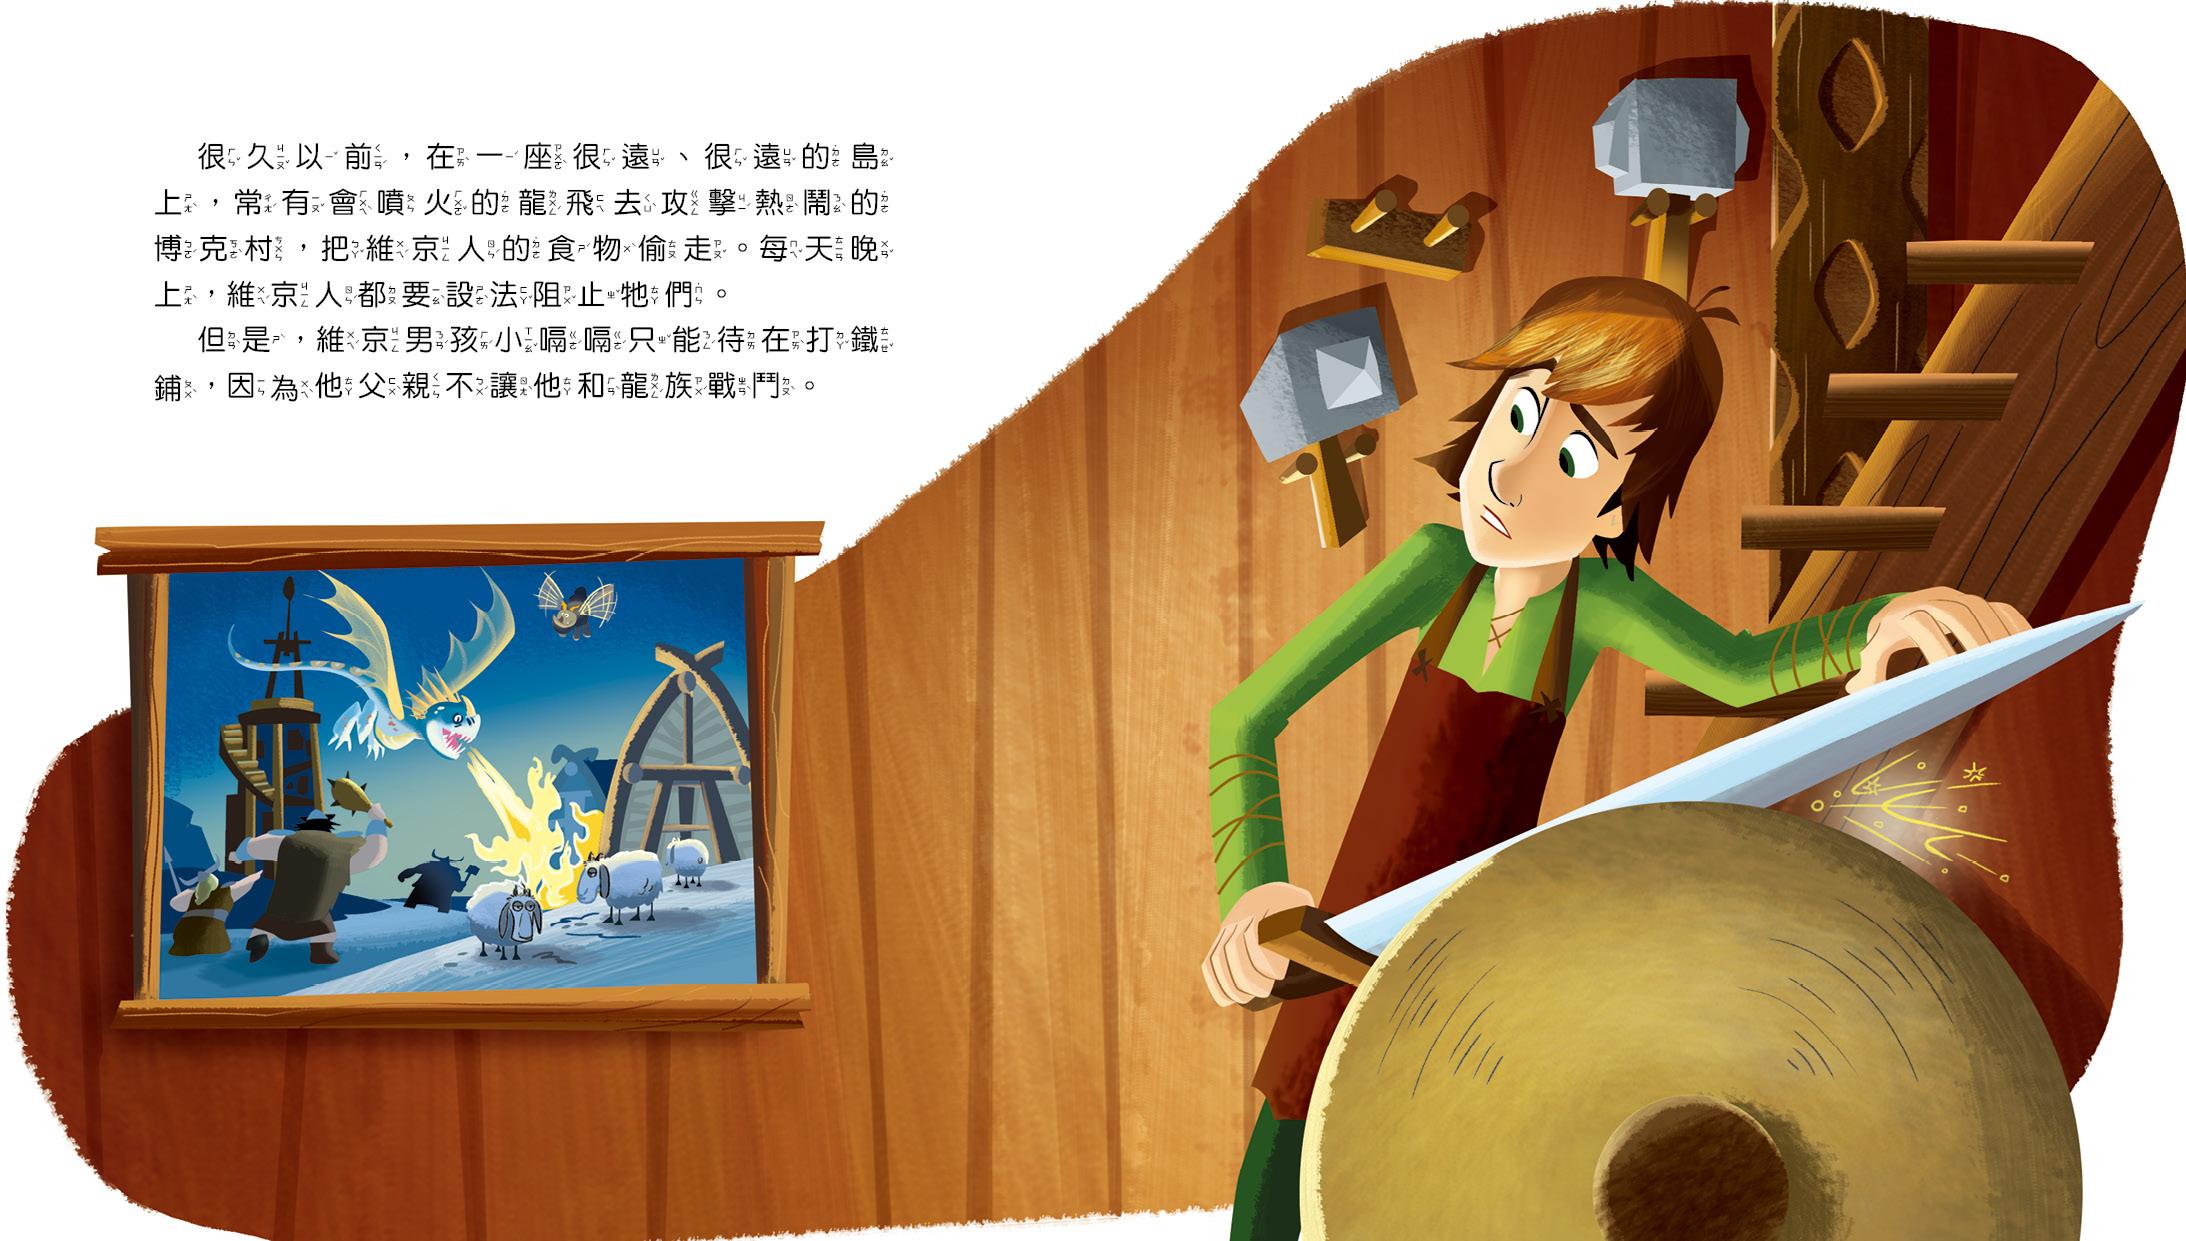 環球影業官方授權童書繪本 《馴龍高手故事繪本1:夢想的起點》 長得瘦弱矮小,就註定失敗了嗎? Iooyie11